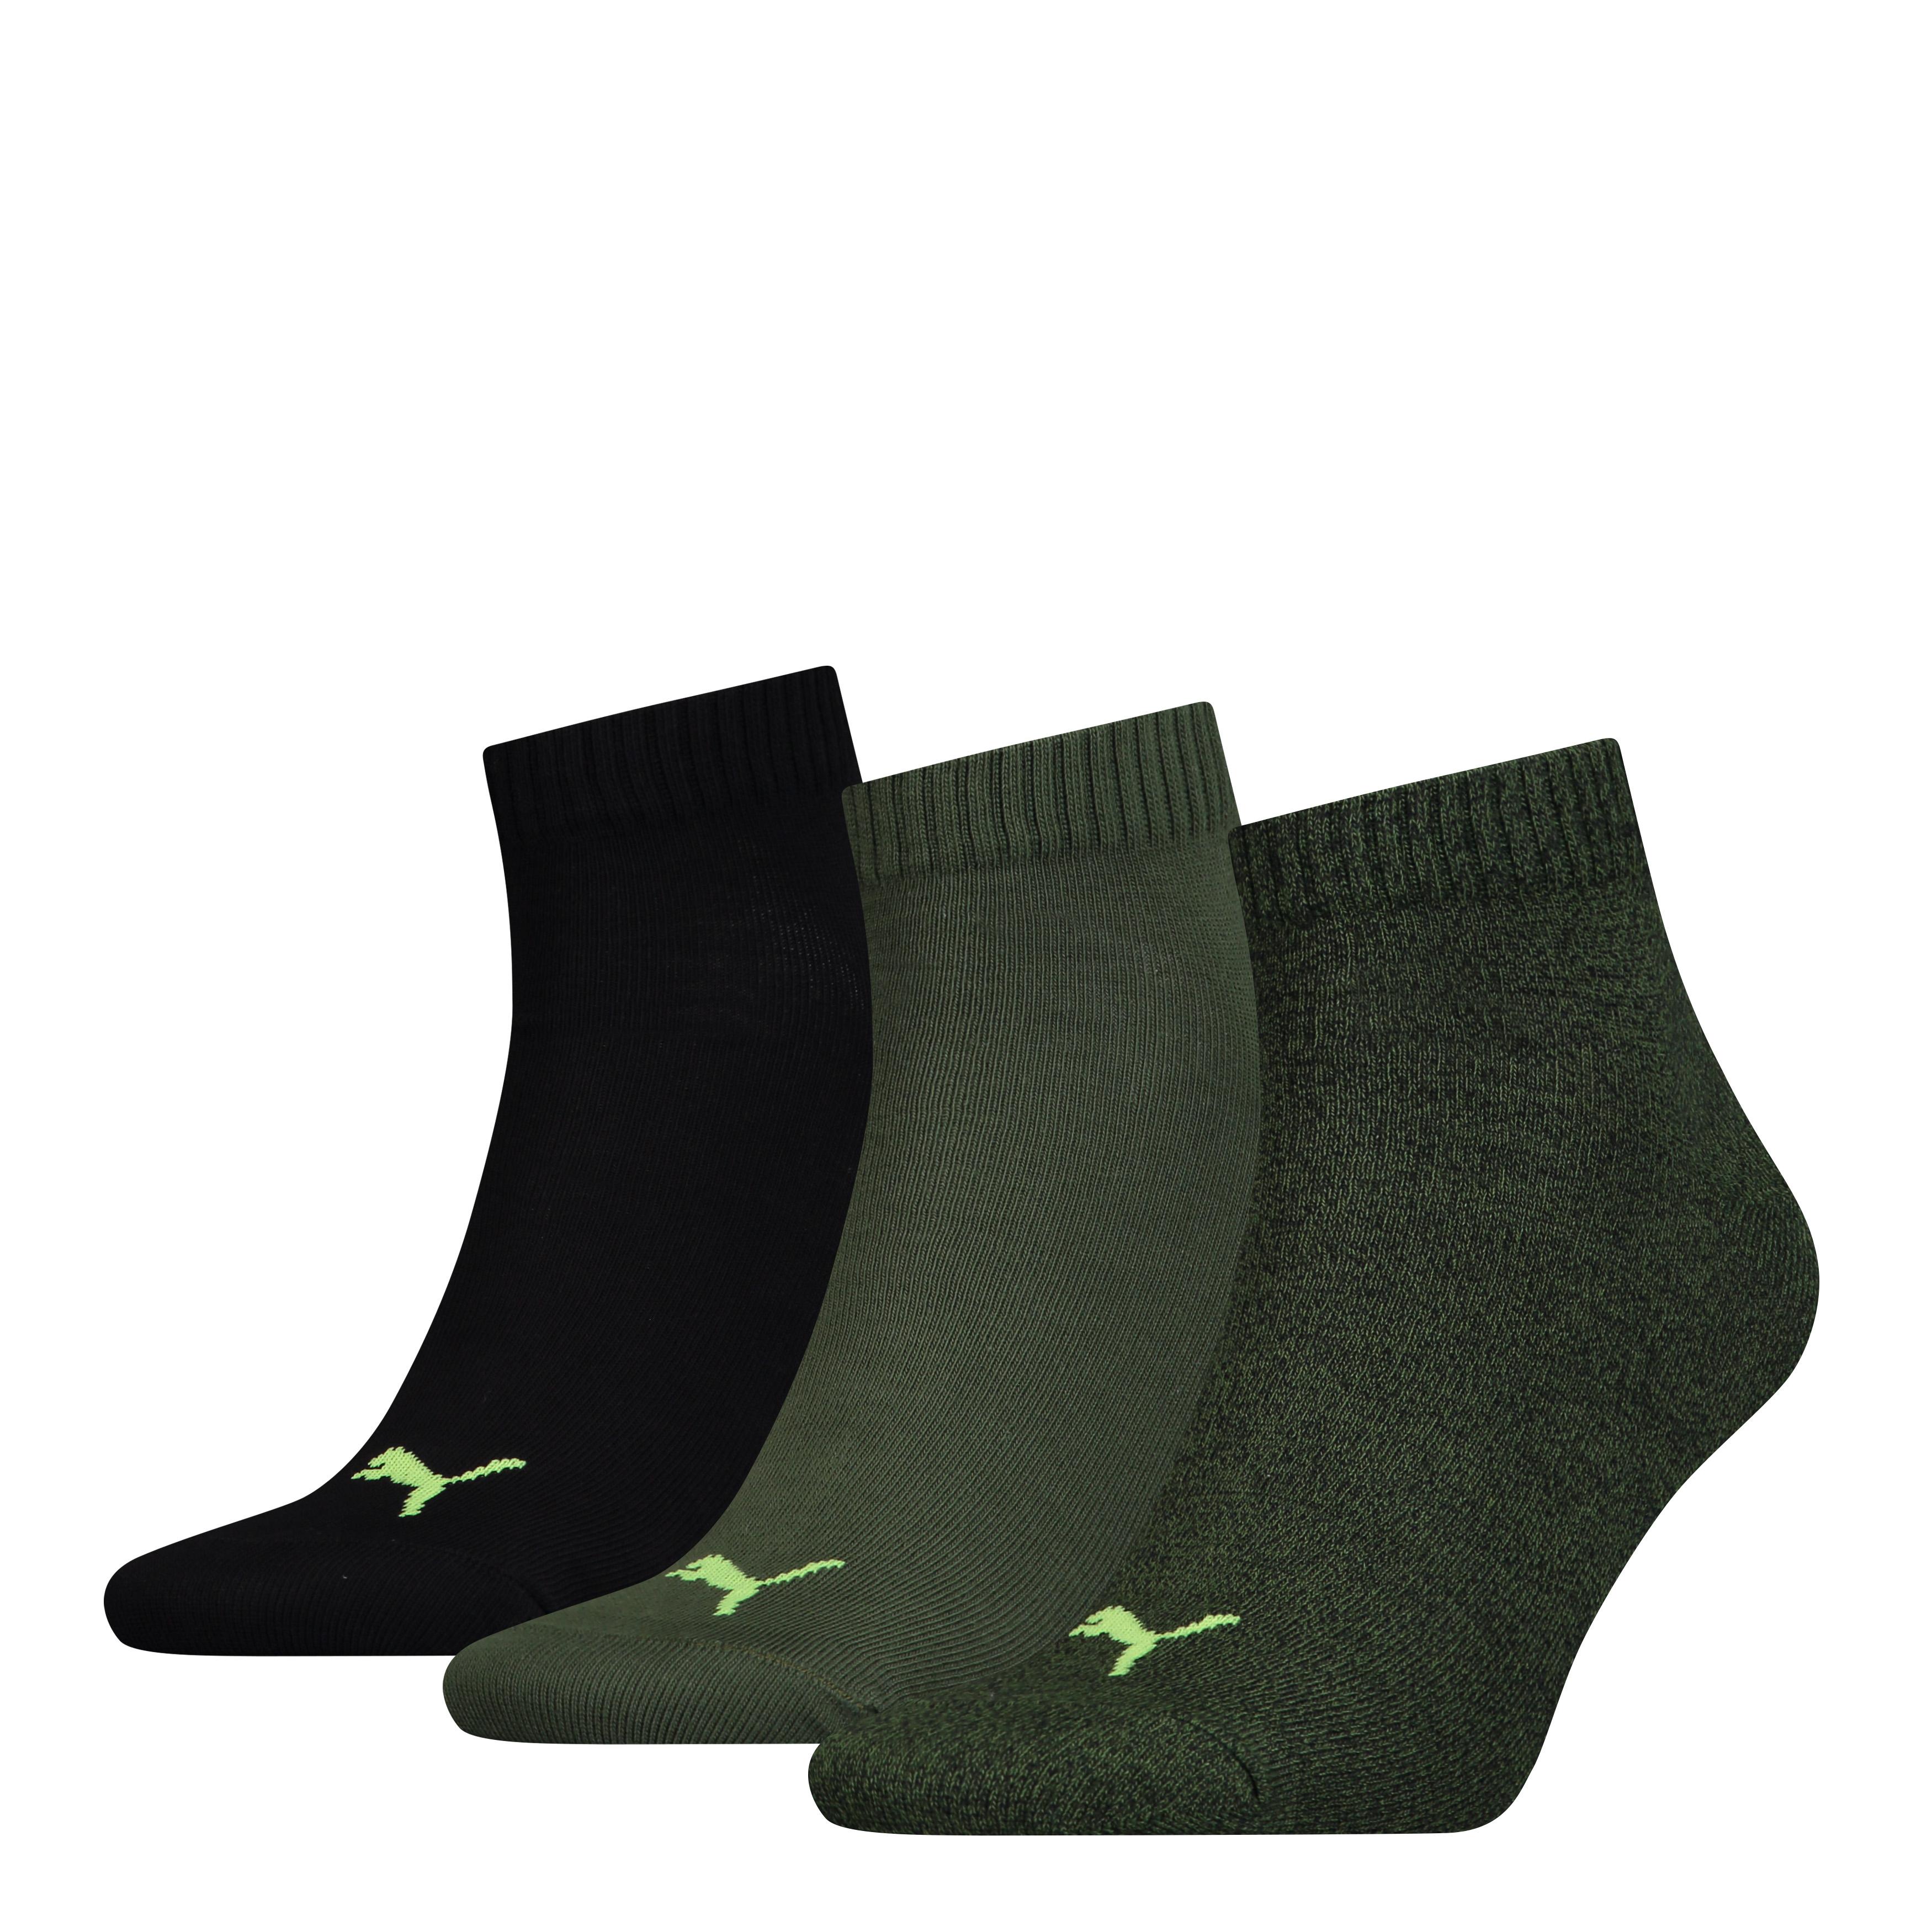 Puma sokken quarter plain Black /Green 3-pack-39/42